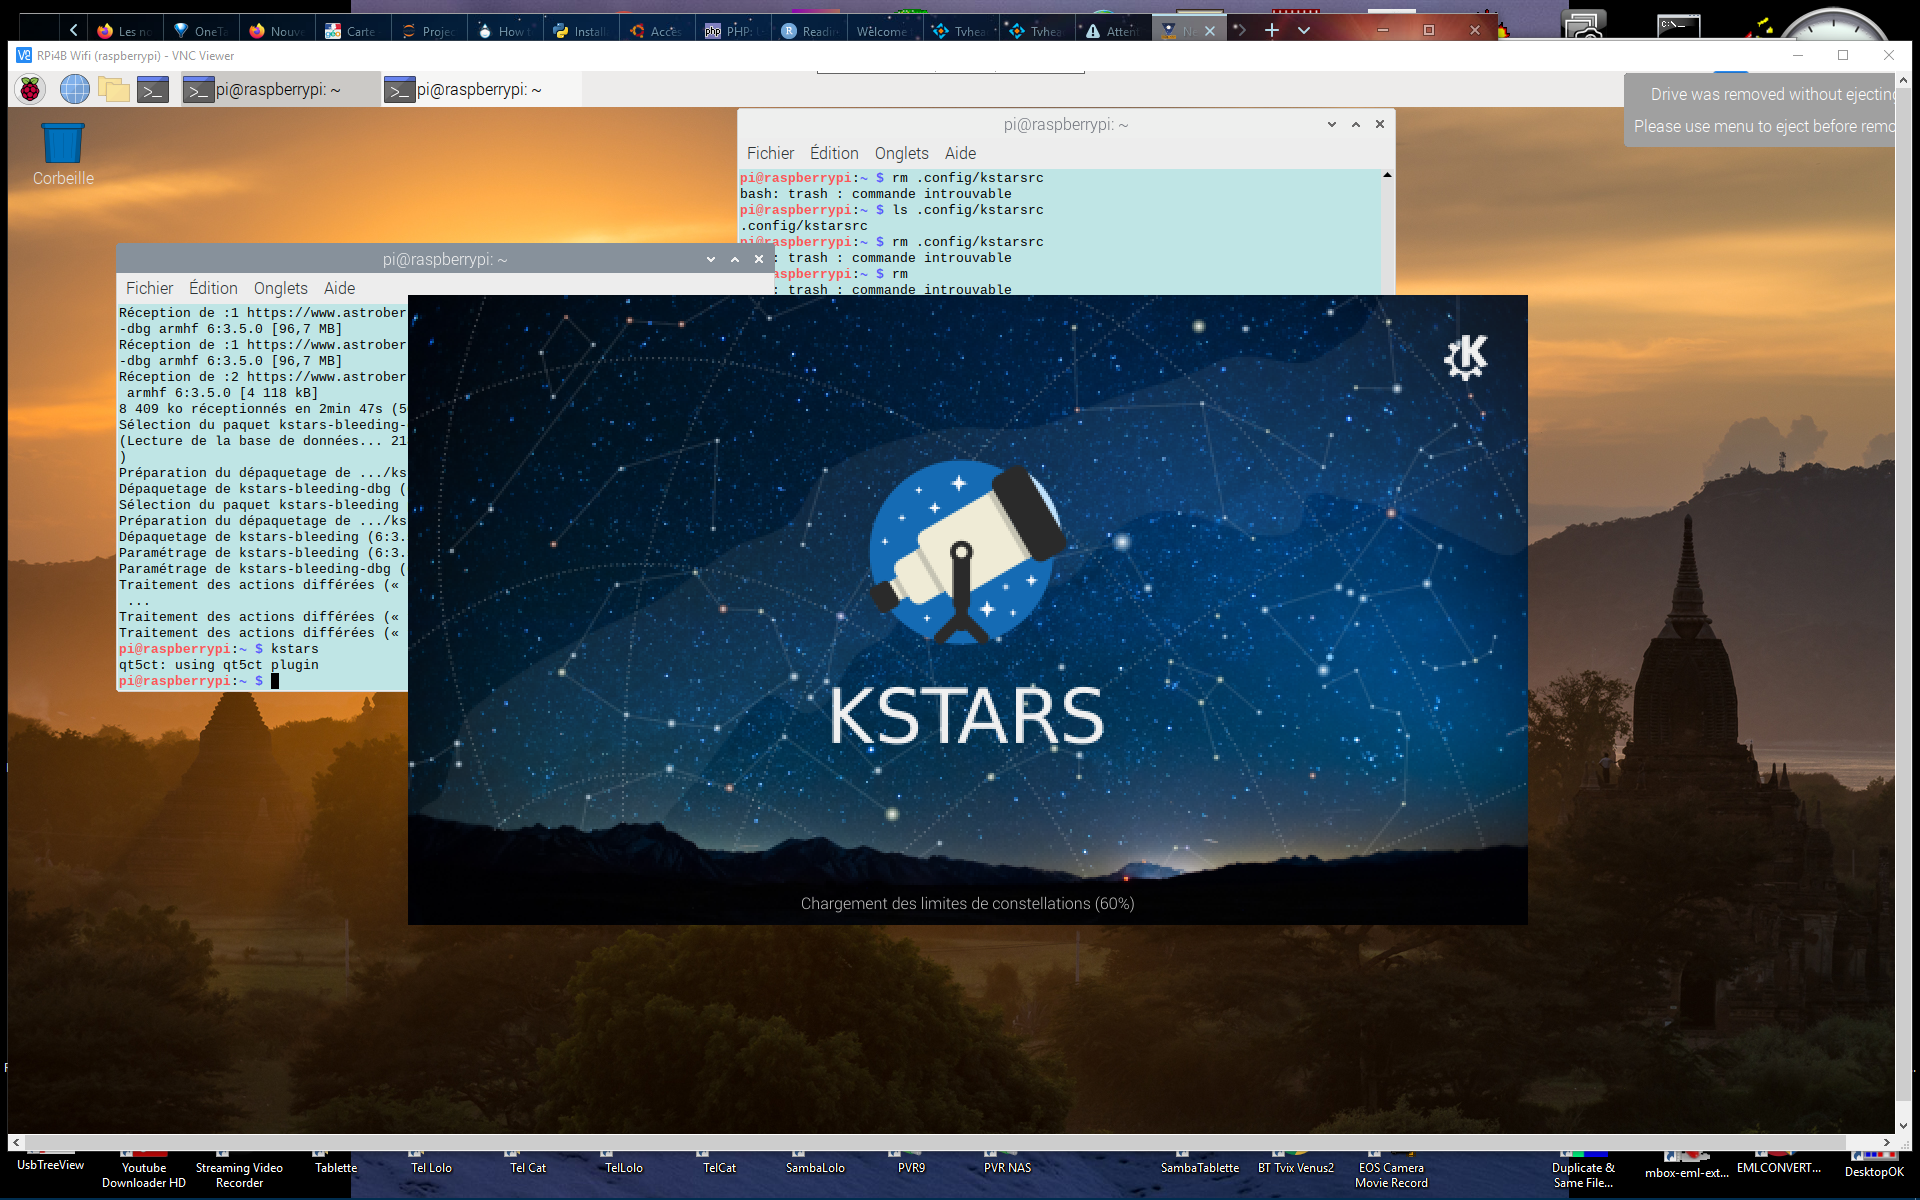 Kstars_banner.png